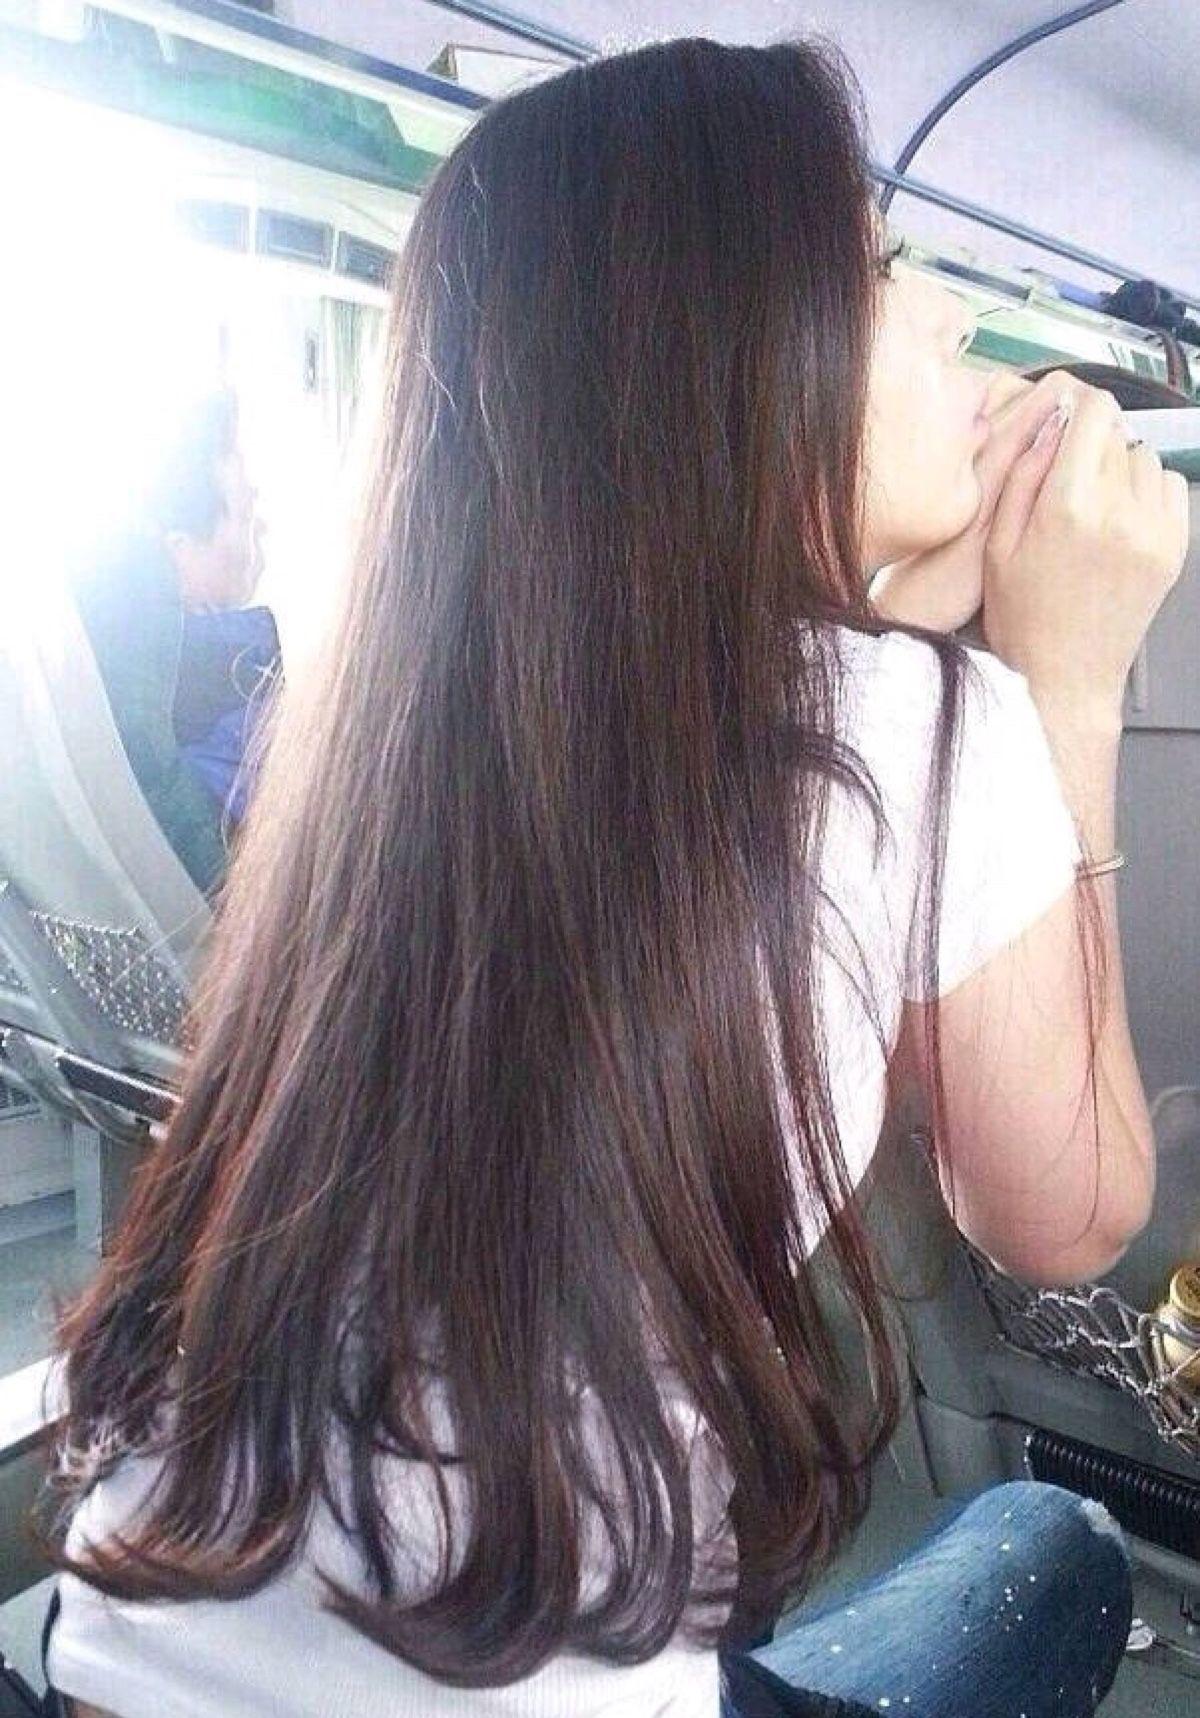 长发发尾微卷大概多少钱,上边的头发是没有动过新长的